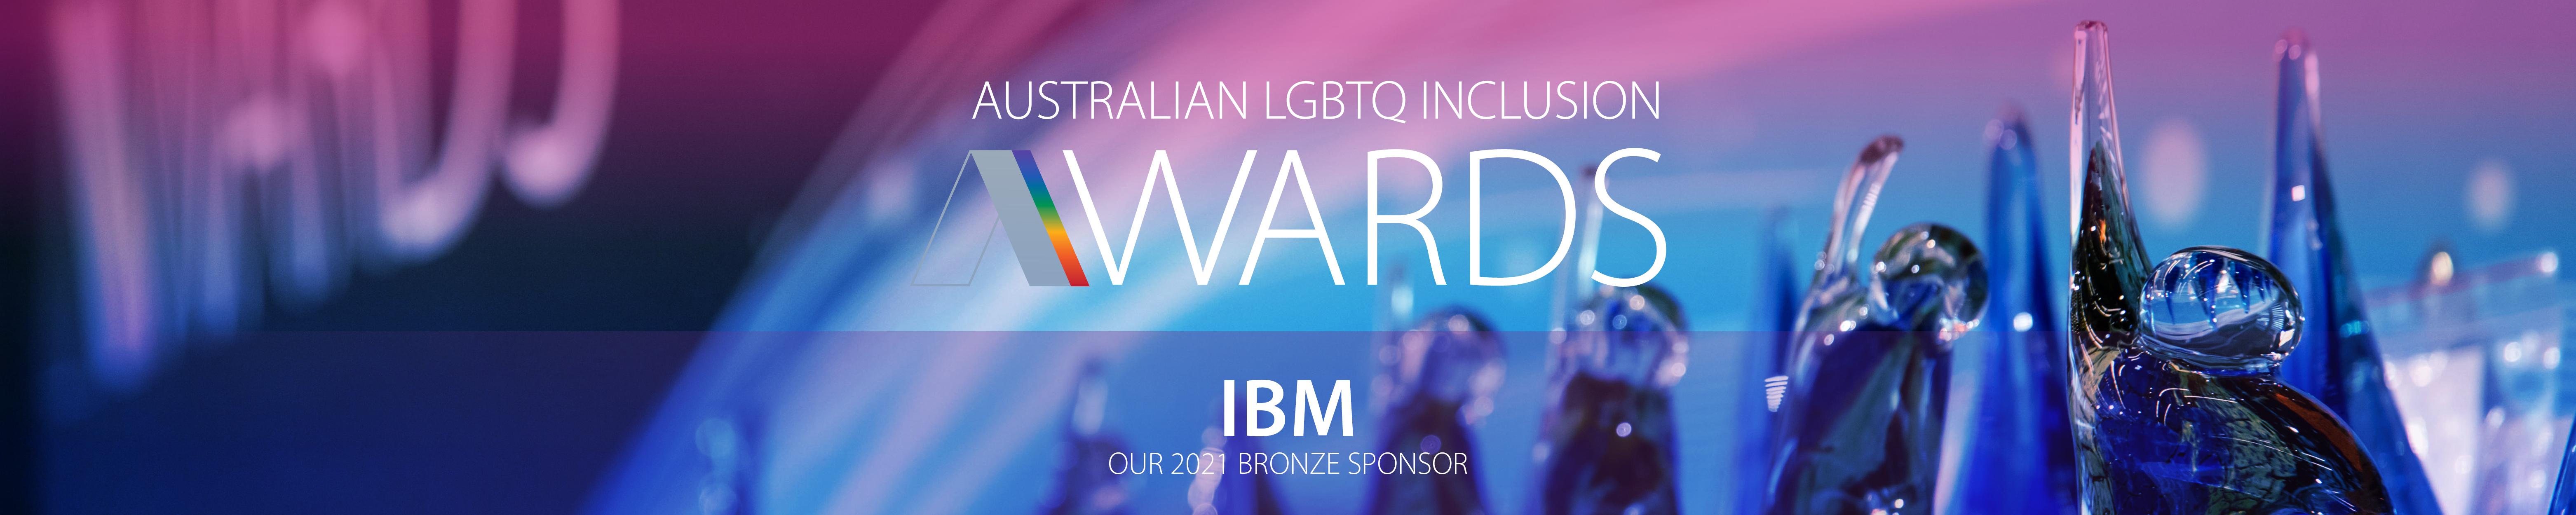 2021AWARDS_Sponsor_IBM